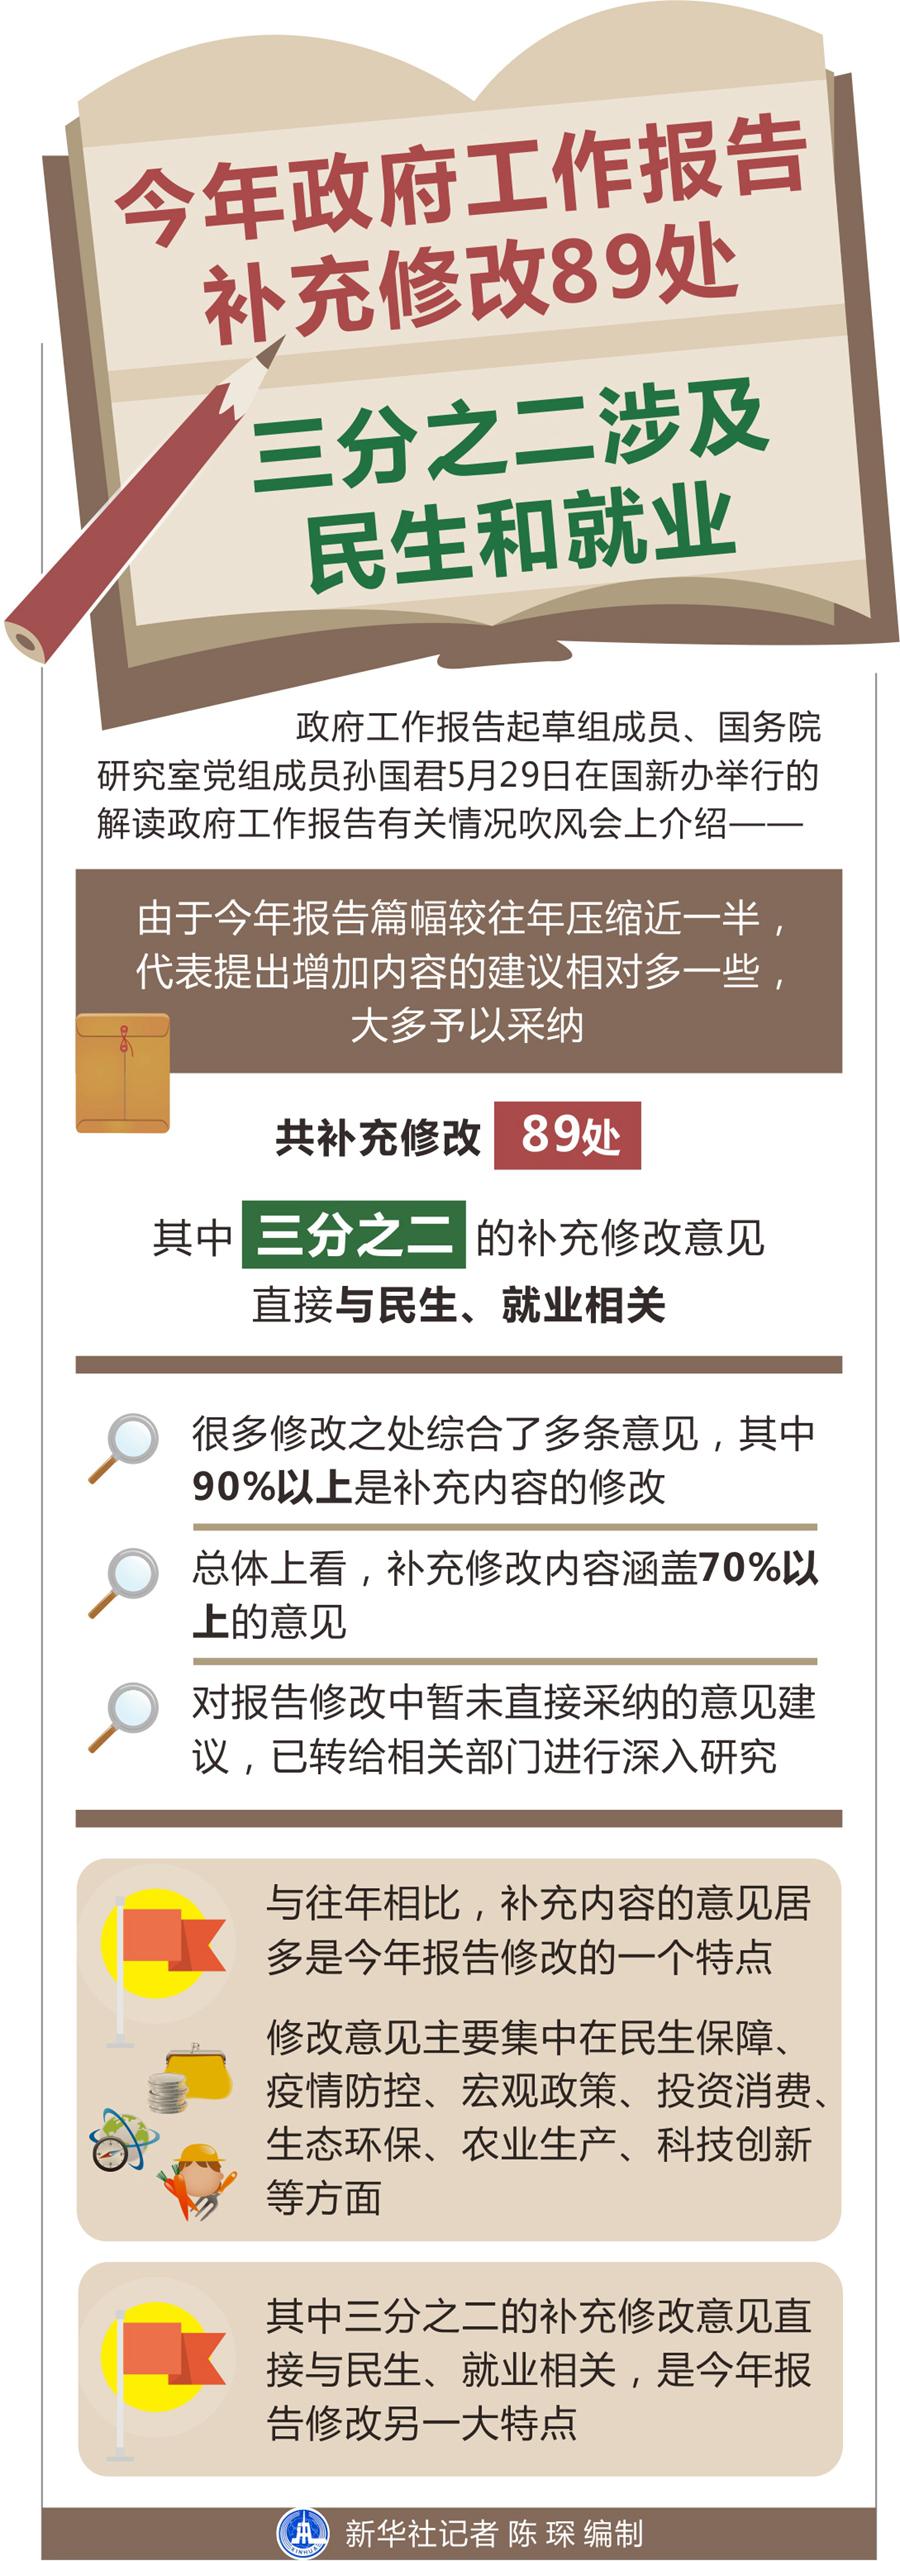 今年政府工作报告补充修改89处 三分之二涉及民生和就业